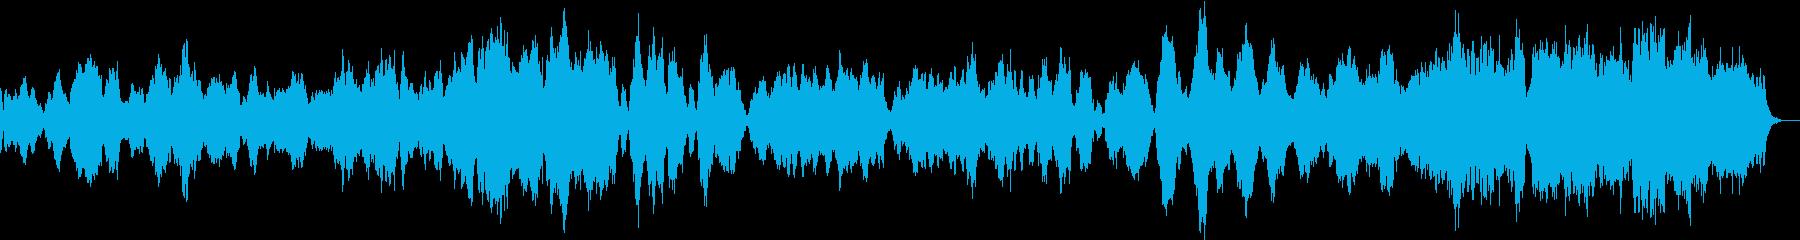 ゆったりした弦楽四重奏の再生済みの波形